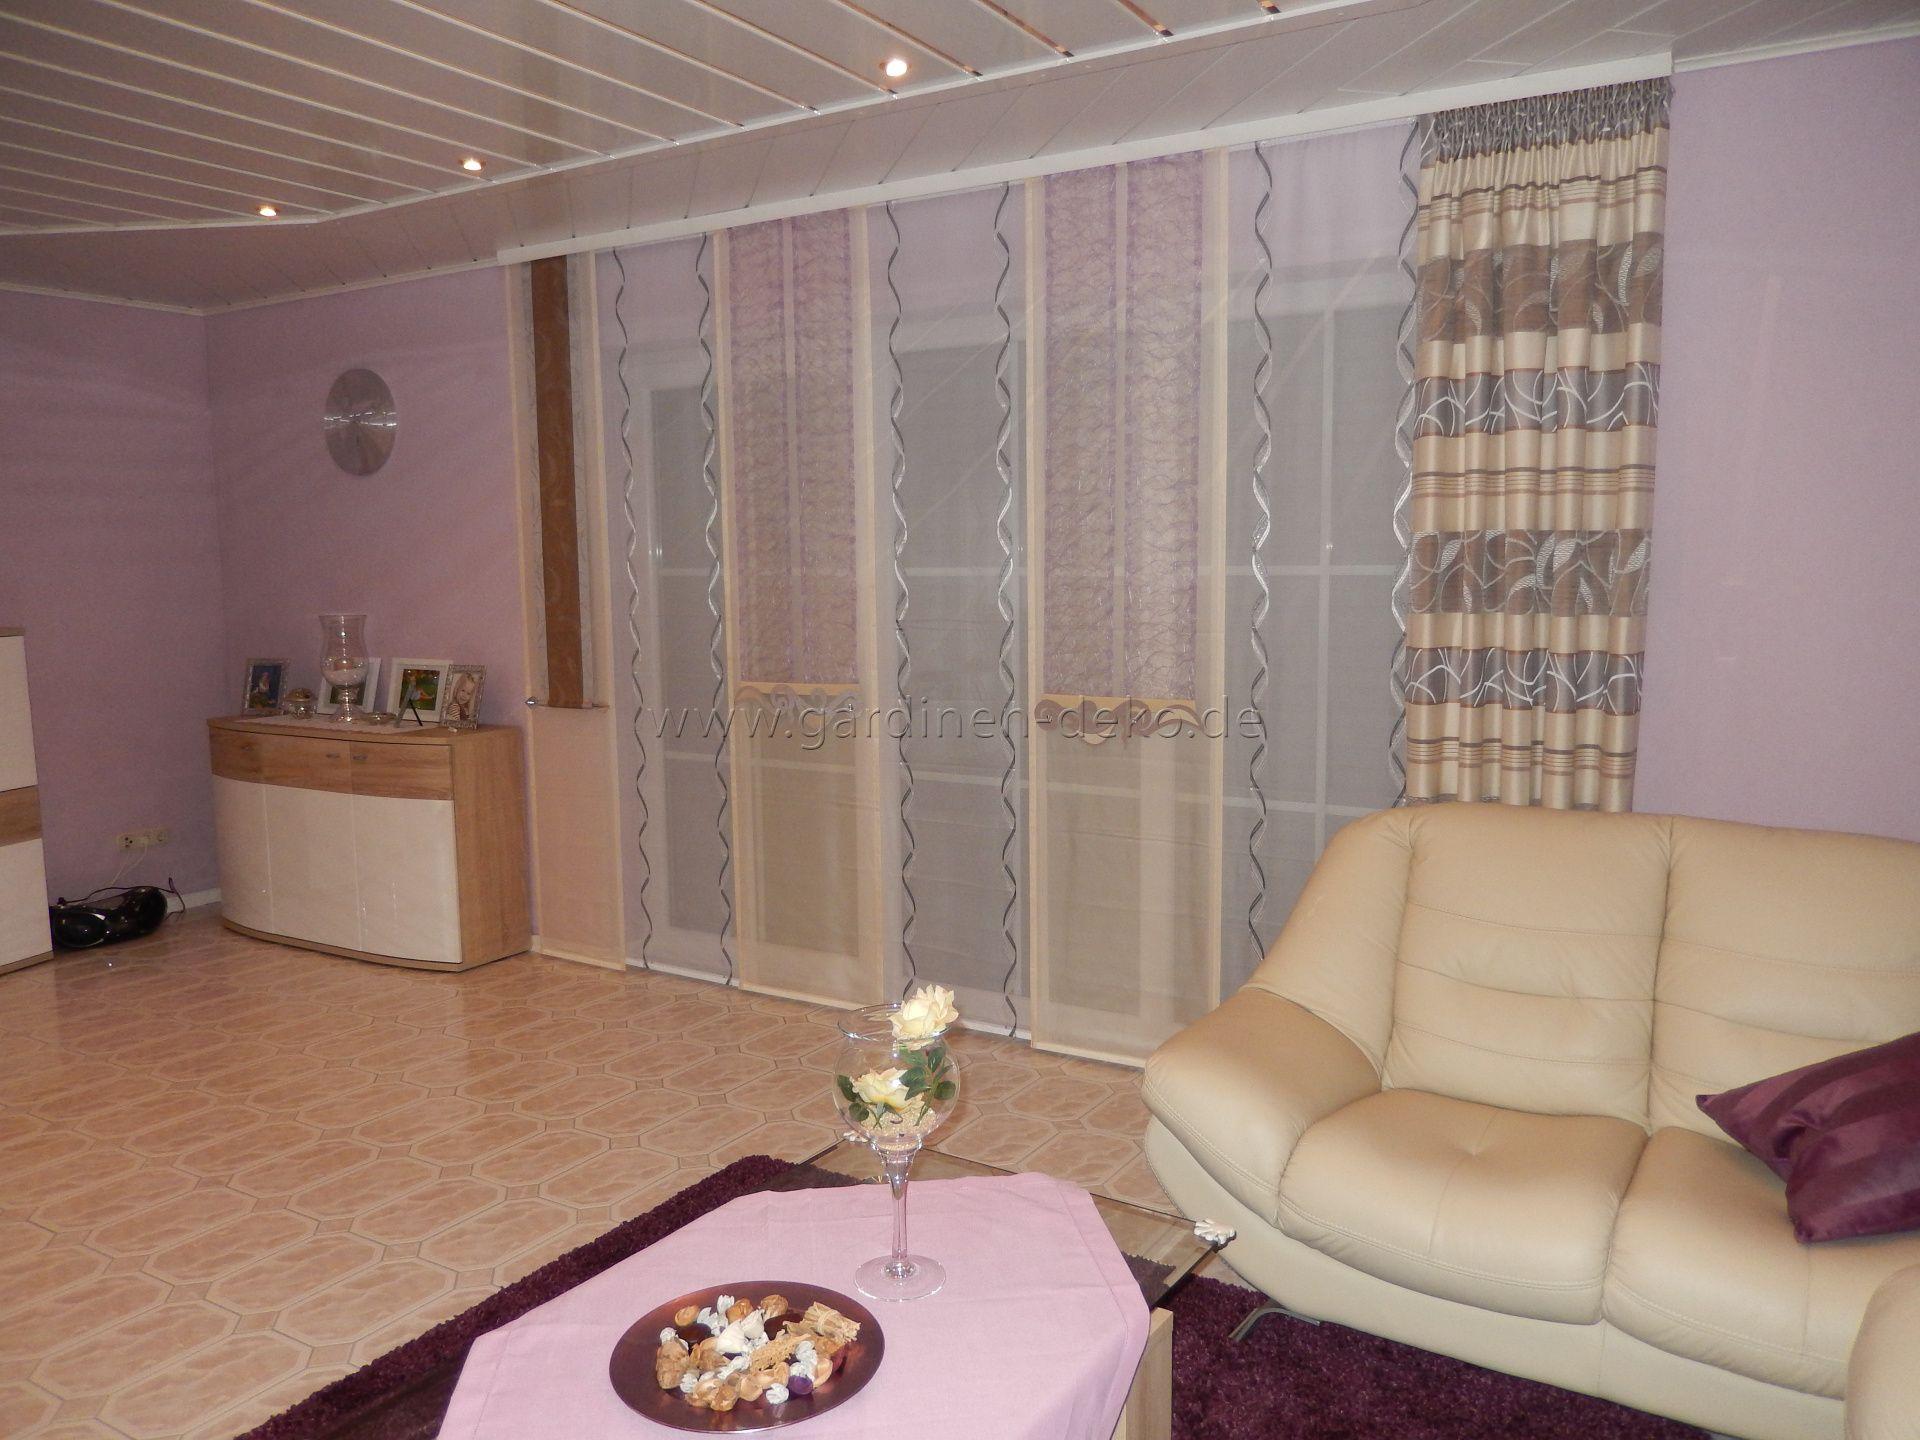 Gardinen schlafzimmer ~ Unland purenature fensterideen vorhang gardinen und